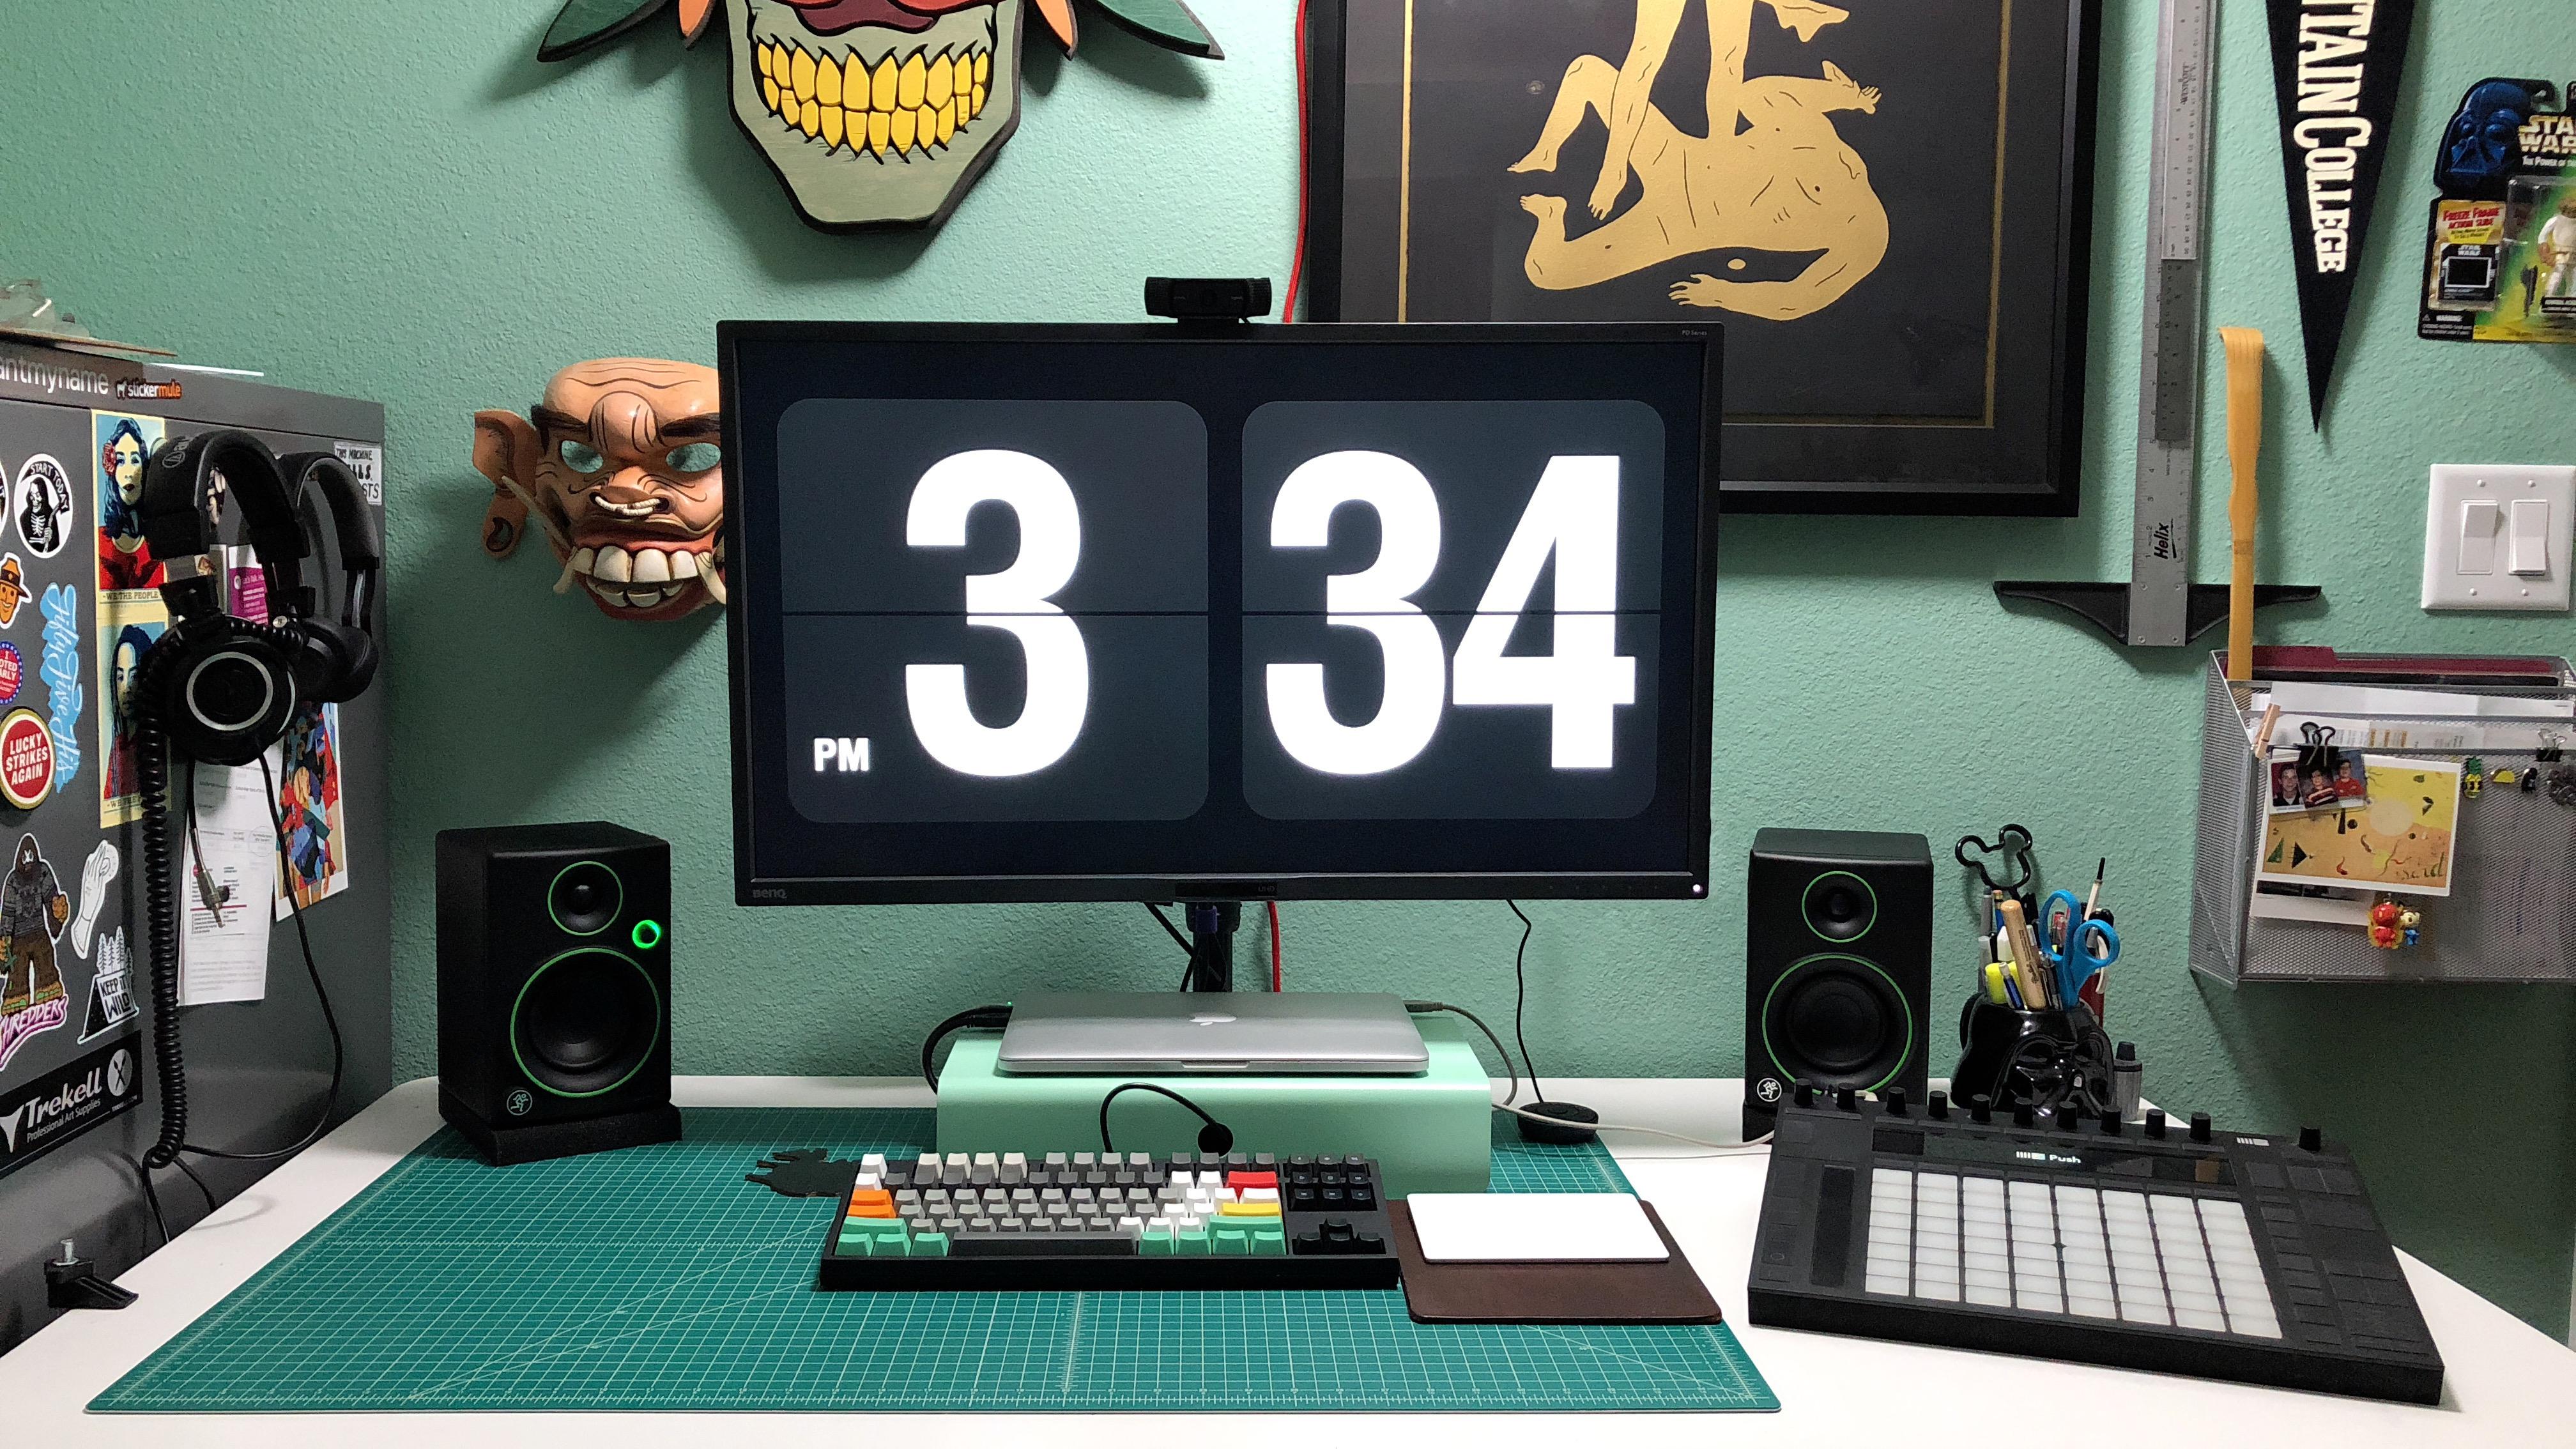 Kevin's desk